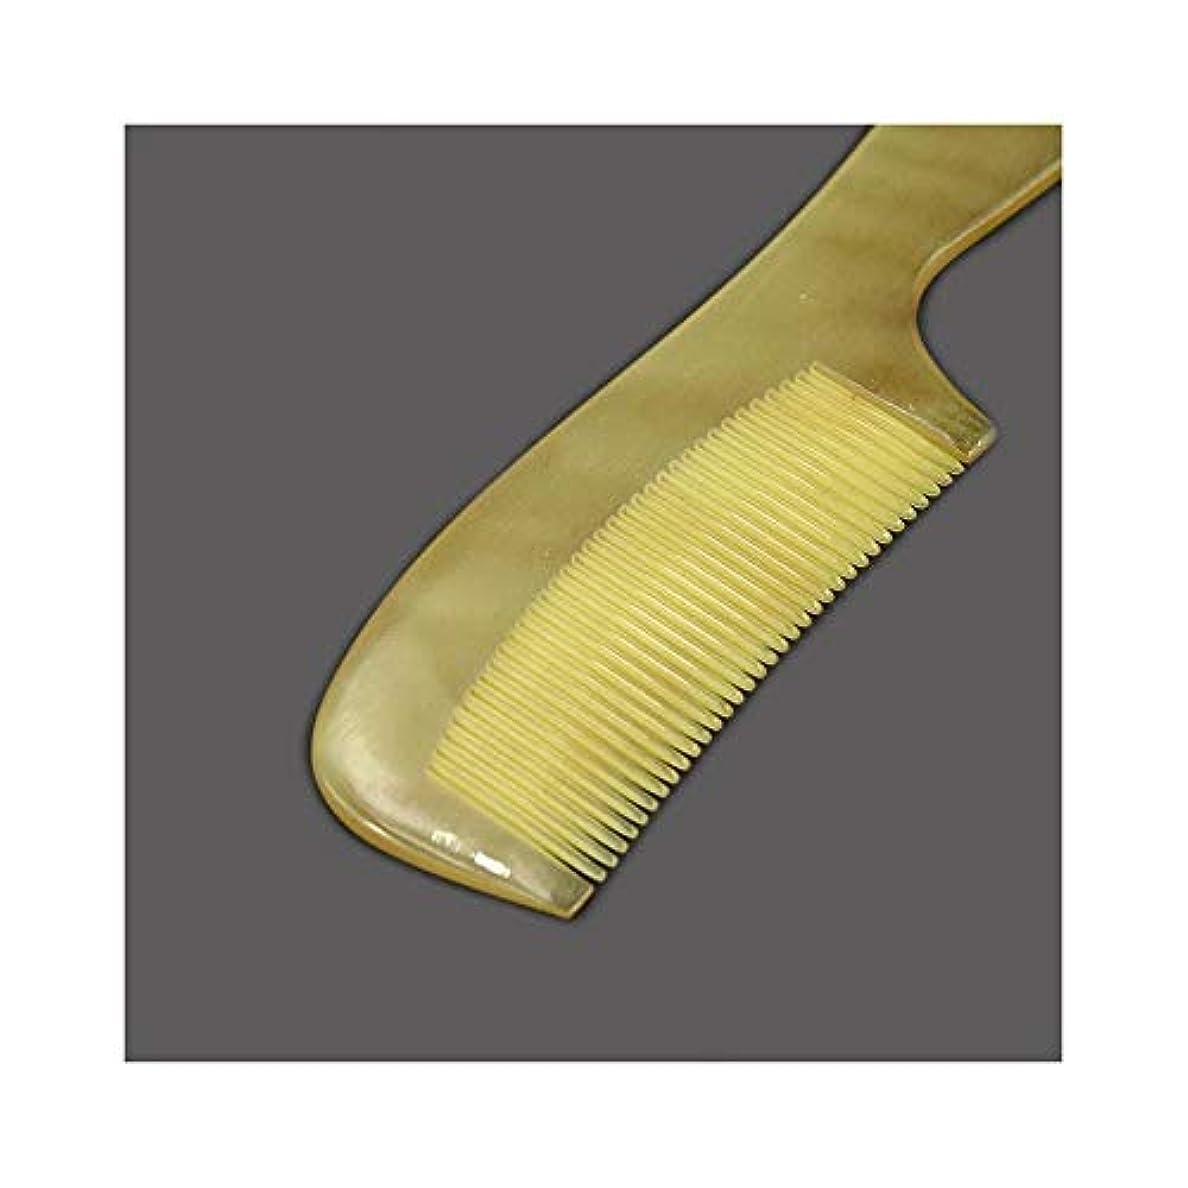 によってエジプトビジョンFashianシープホーンくし細かい歯なしスタティック手作りくし、高品質の木製のカールくし ヘアケア